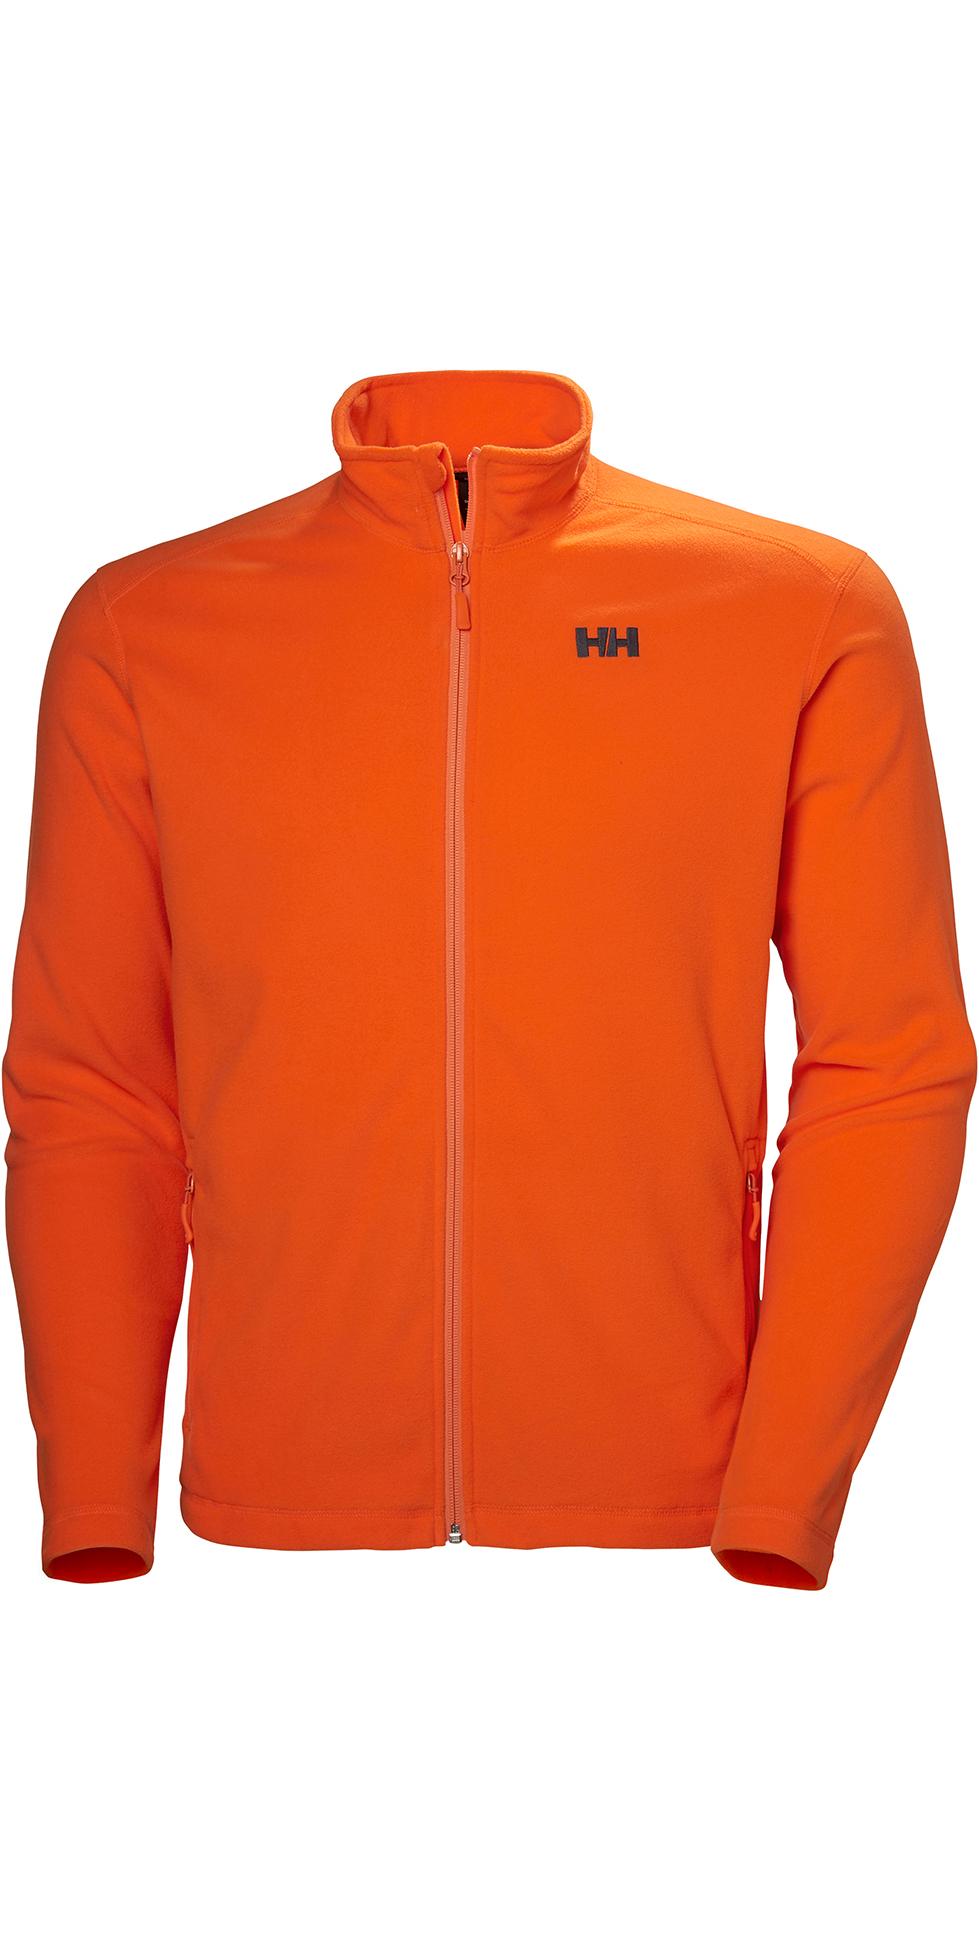 officiell leverantör känt märke äkta kvalitet 2019 Helly Hansen Mens Daybreak Fleece Jacket Bright Orange 51598 ...